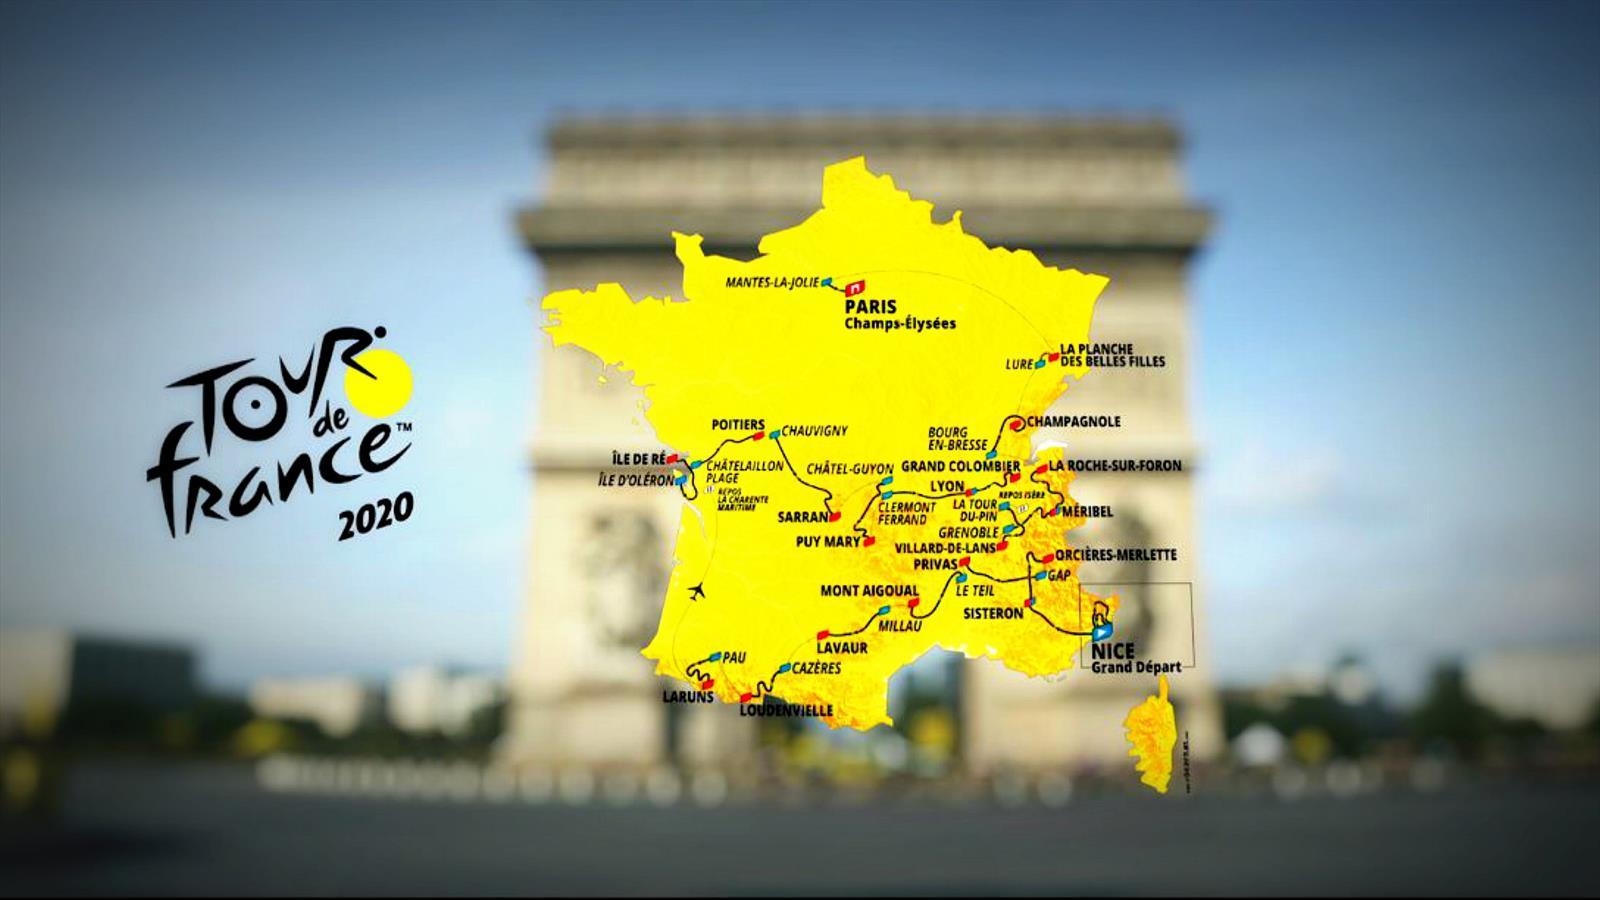 Tour De France 2020 Standings.Tour De France 2020 The Route In Full